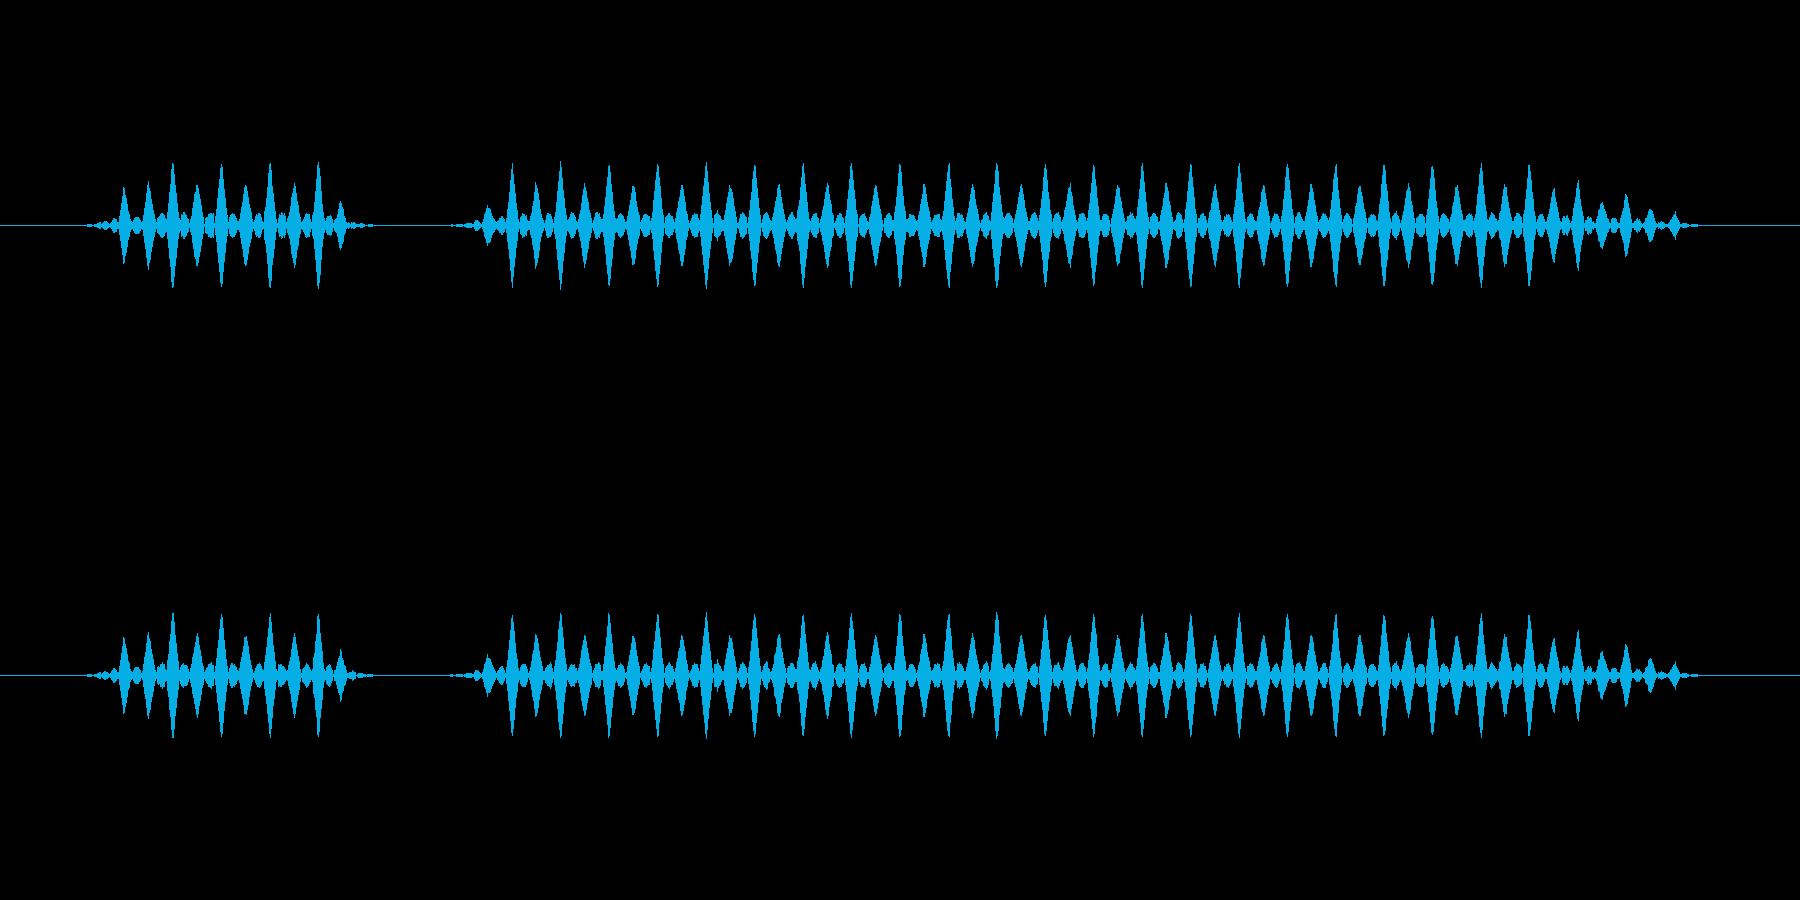 ブブー(低)【不正解、エラー】の再生済みの波形